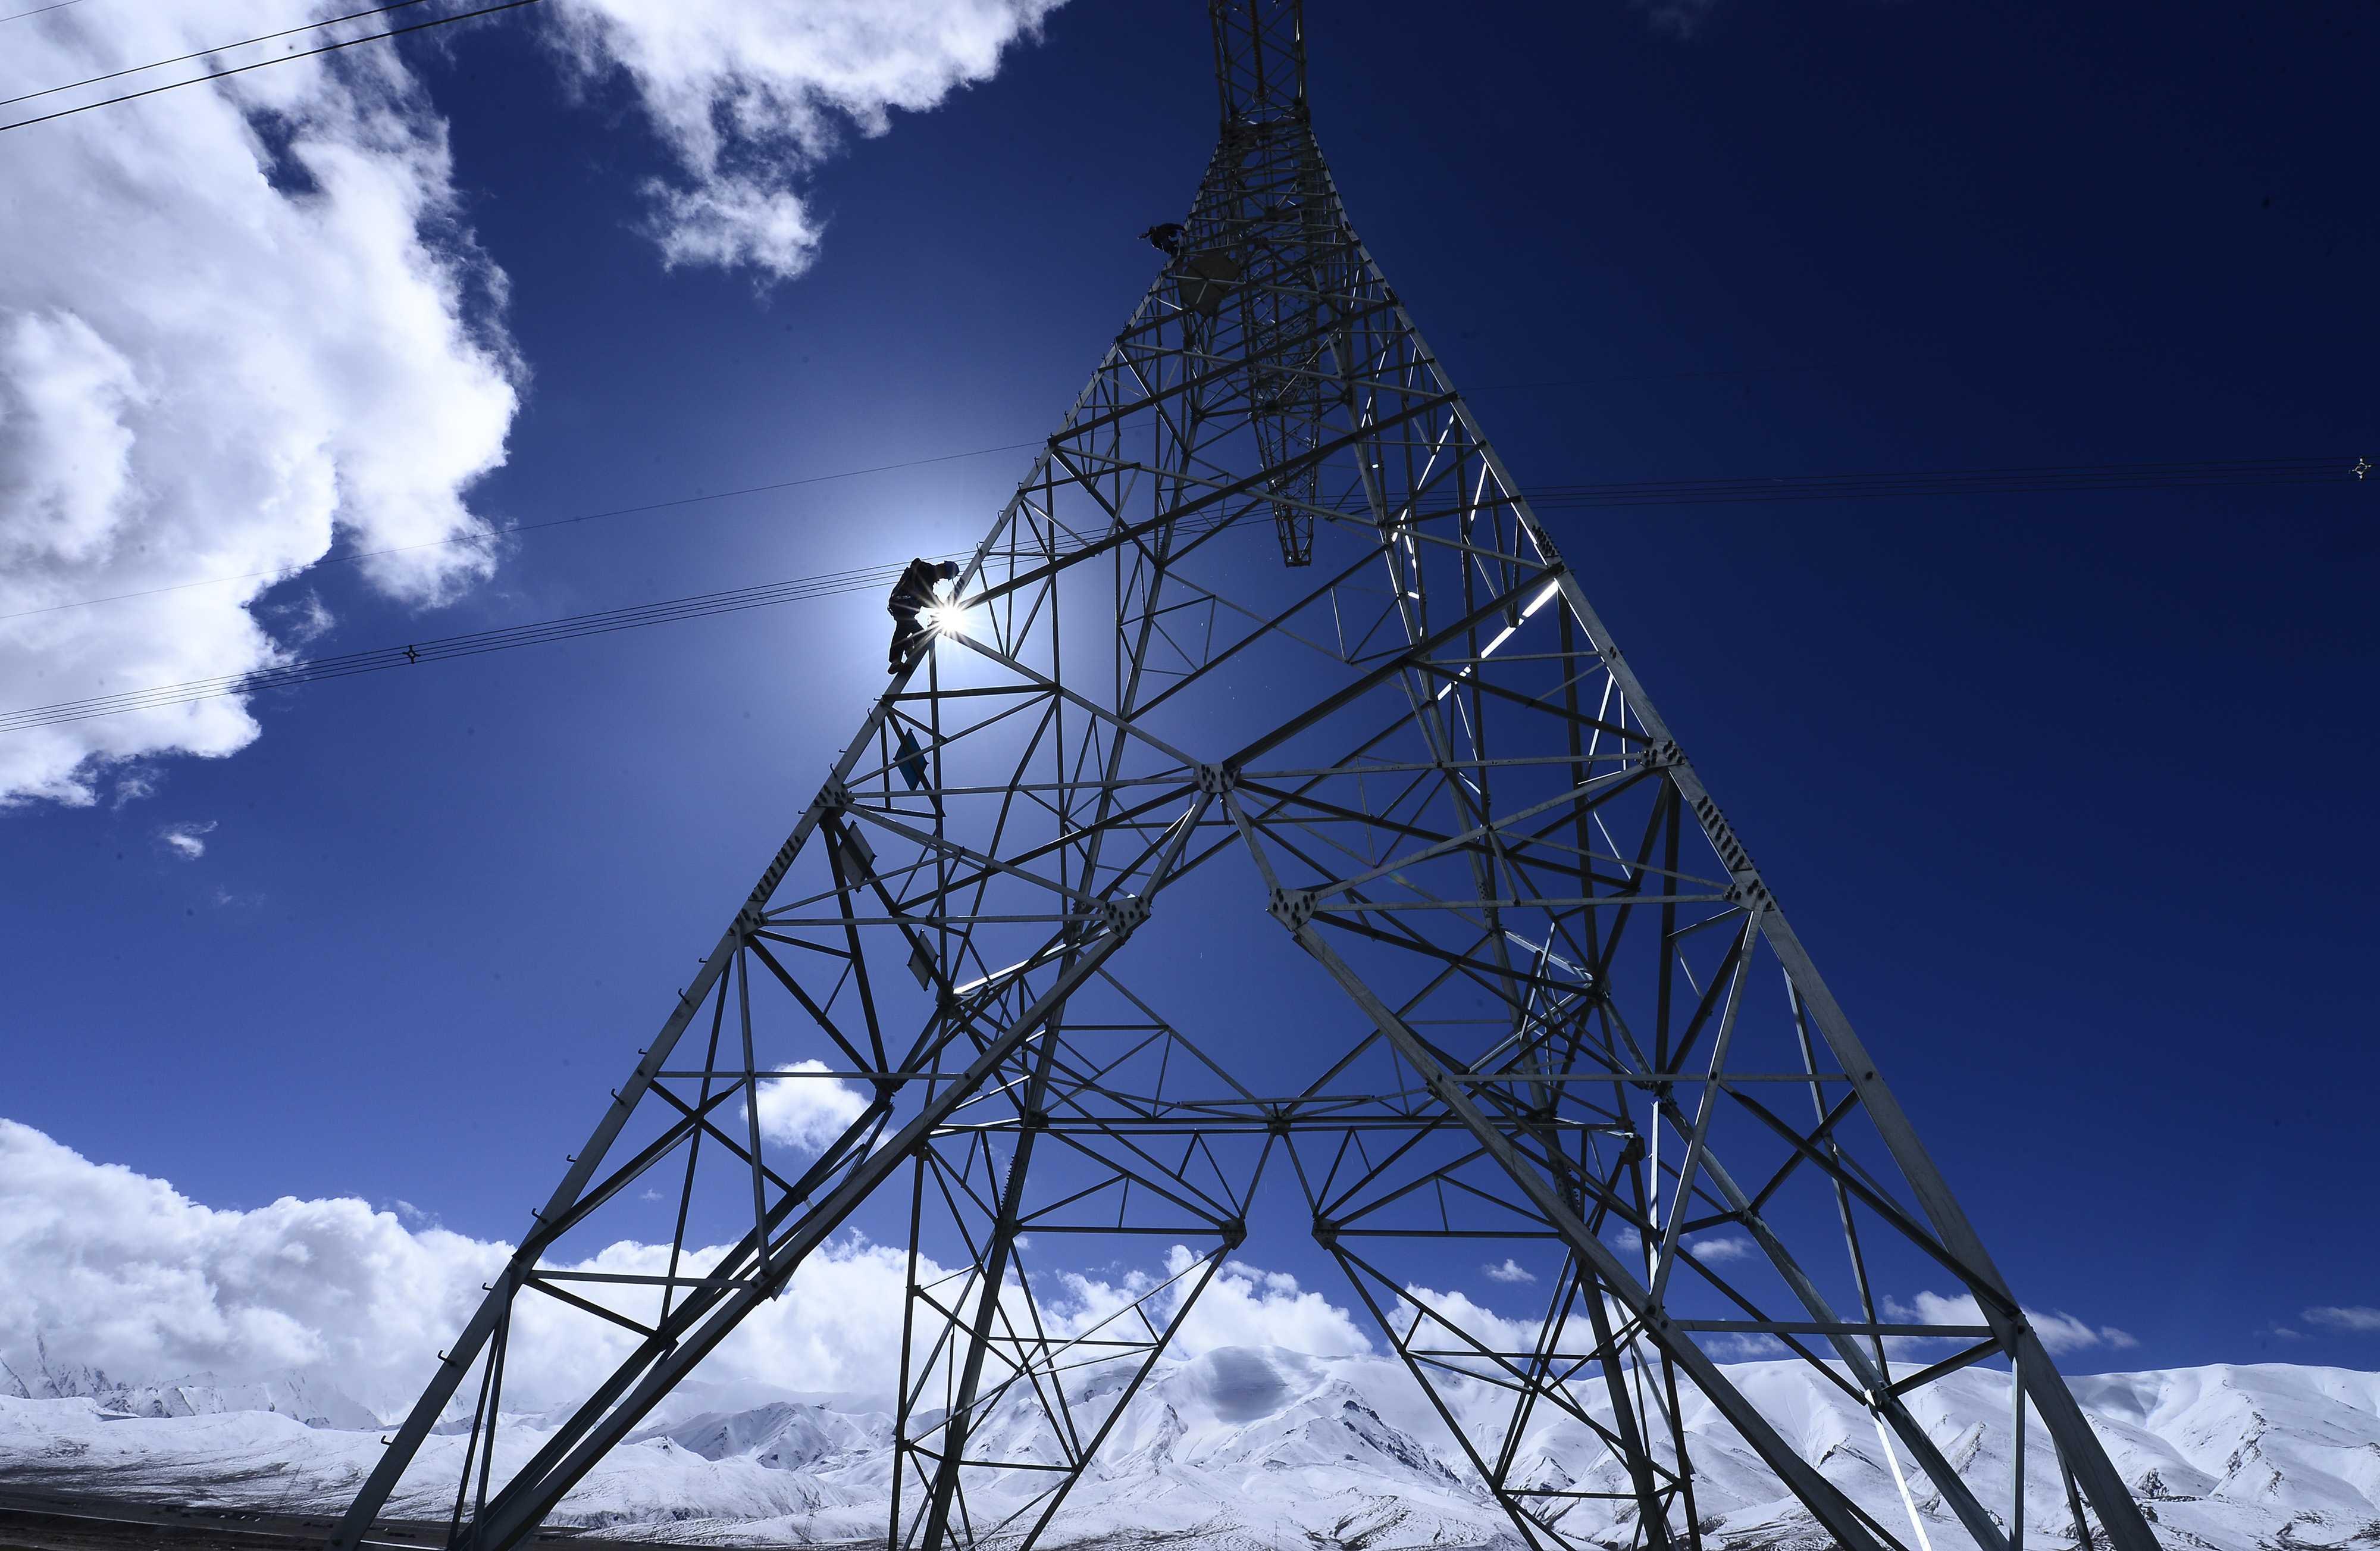 国家电网出台迎峰度冬确保电力安全可靠供应八项举措